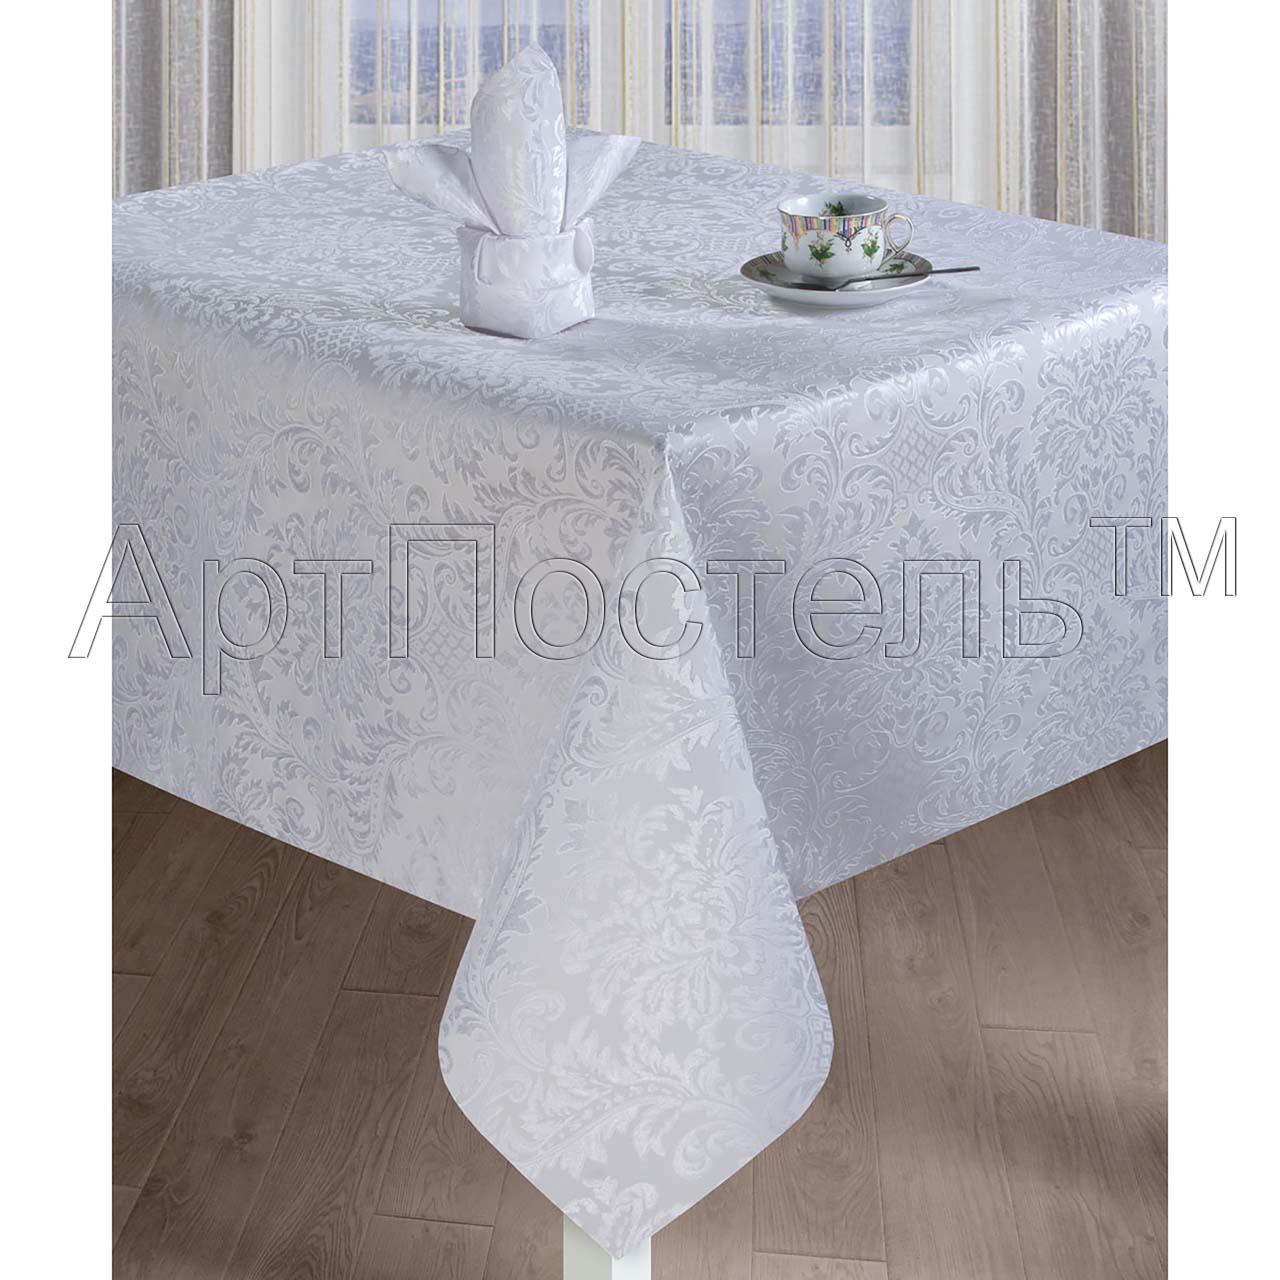 Кухонные принадлежности  Ирэн  Белый р. 150х220 - Текстиль для дома артикул: 24530